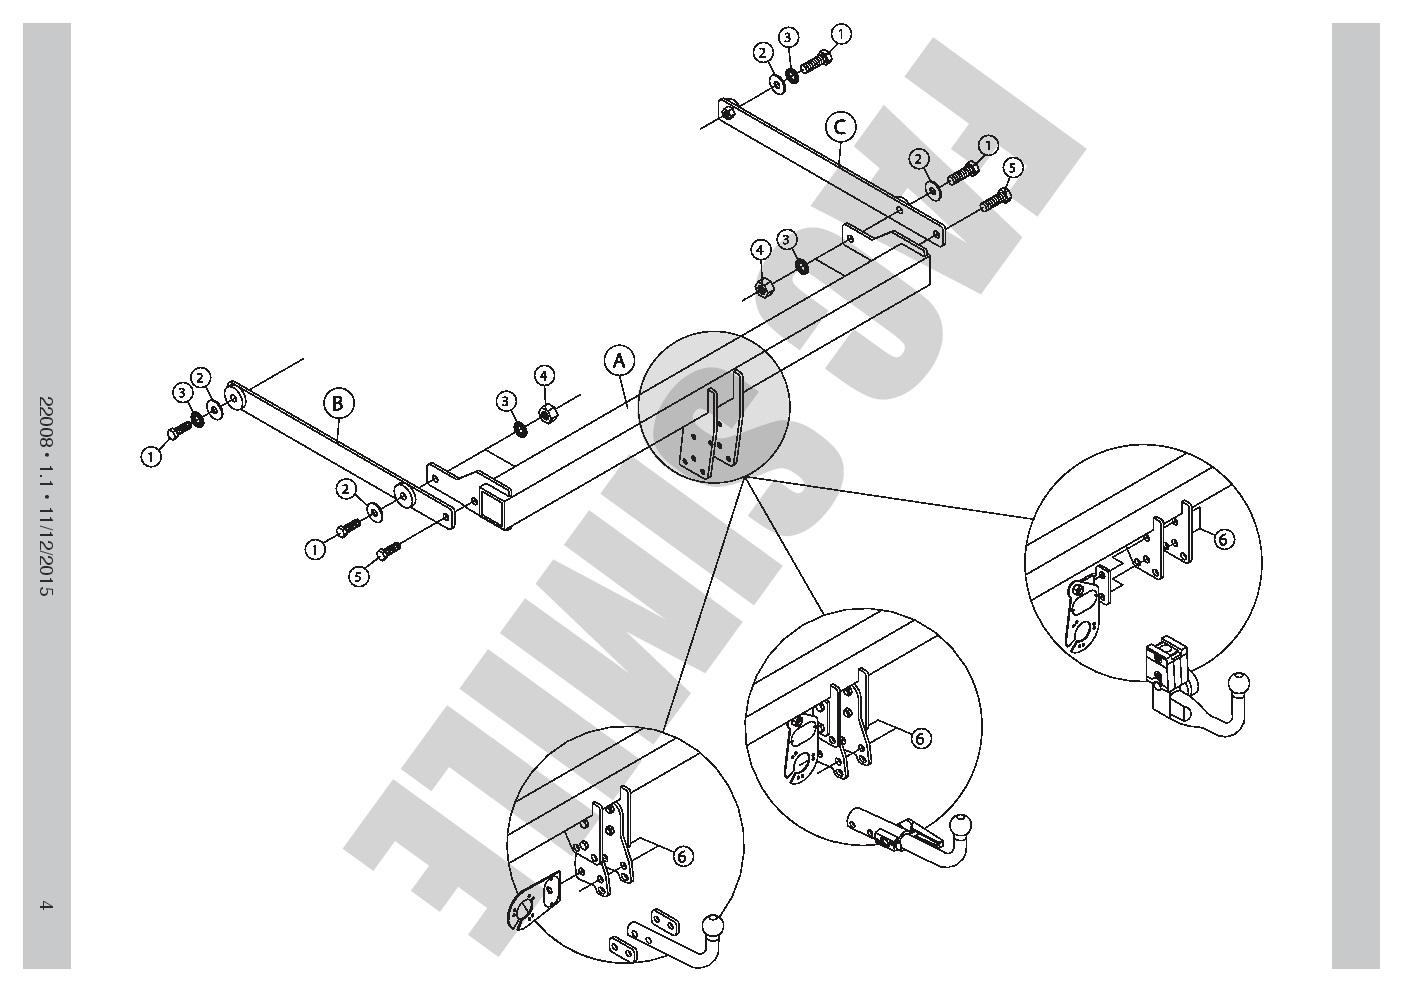 Abnehmbare Anhängerkupplung 13-polig C2 E-satz für Mazda CX-3 2-4WD ...